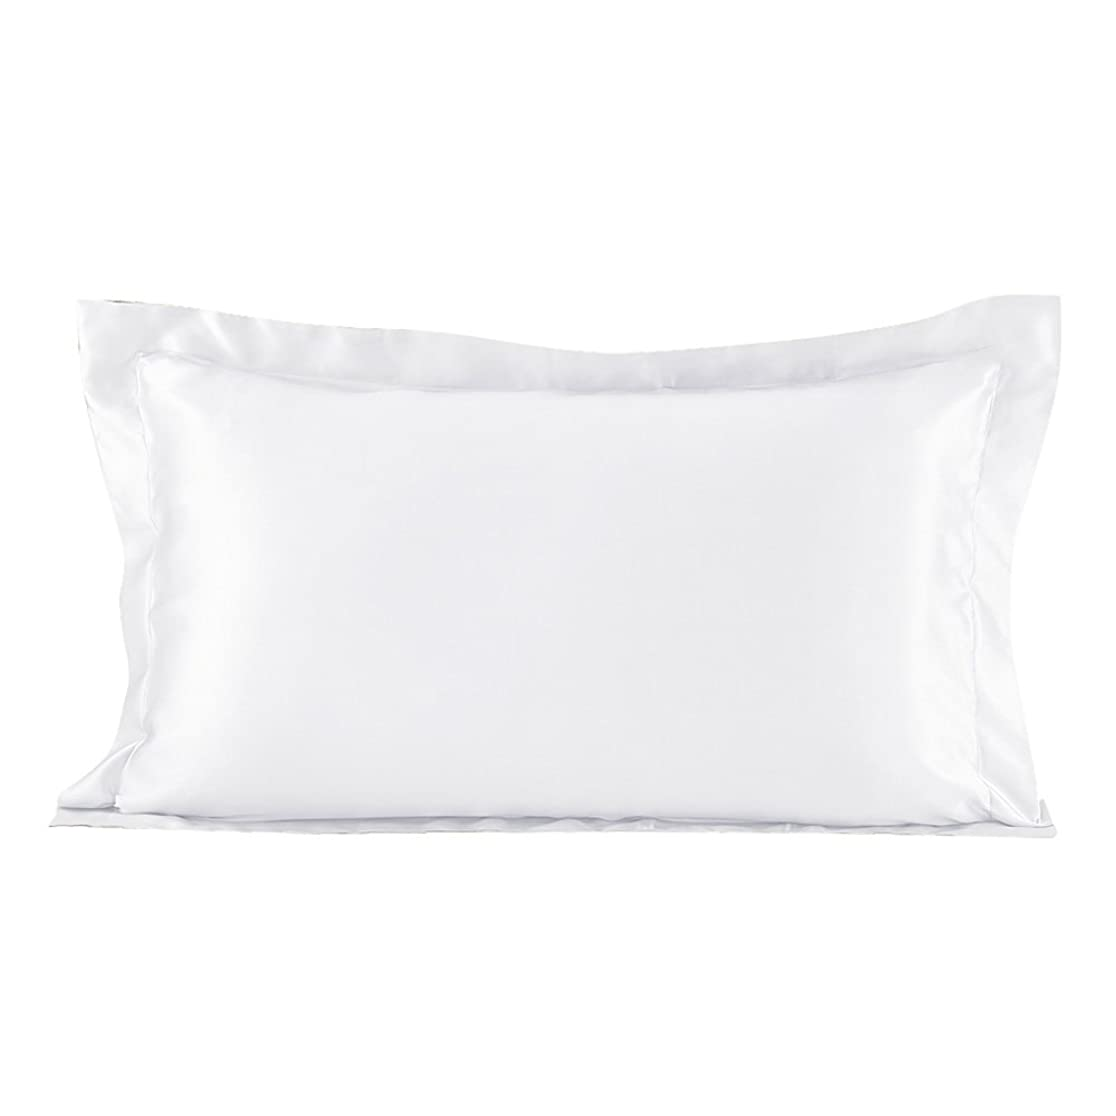 去る正確に思い出すLilySilk(リリーシルク)シルク枕カバー ピローケース/50x70+5cm/ホワイト/1枚/22匁/額縁付き/封筒式